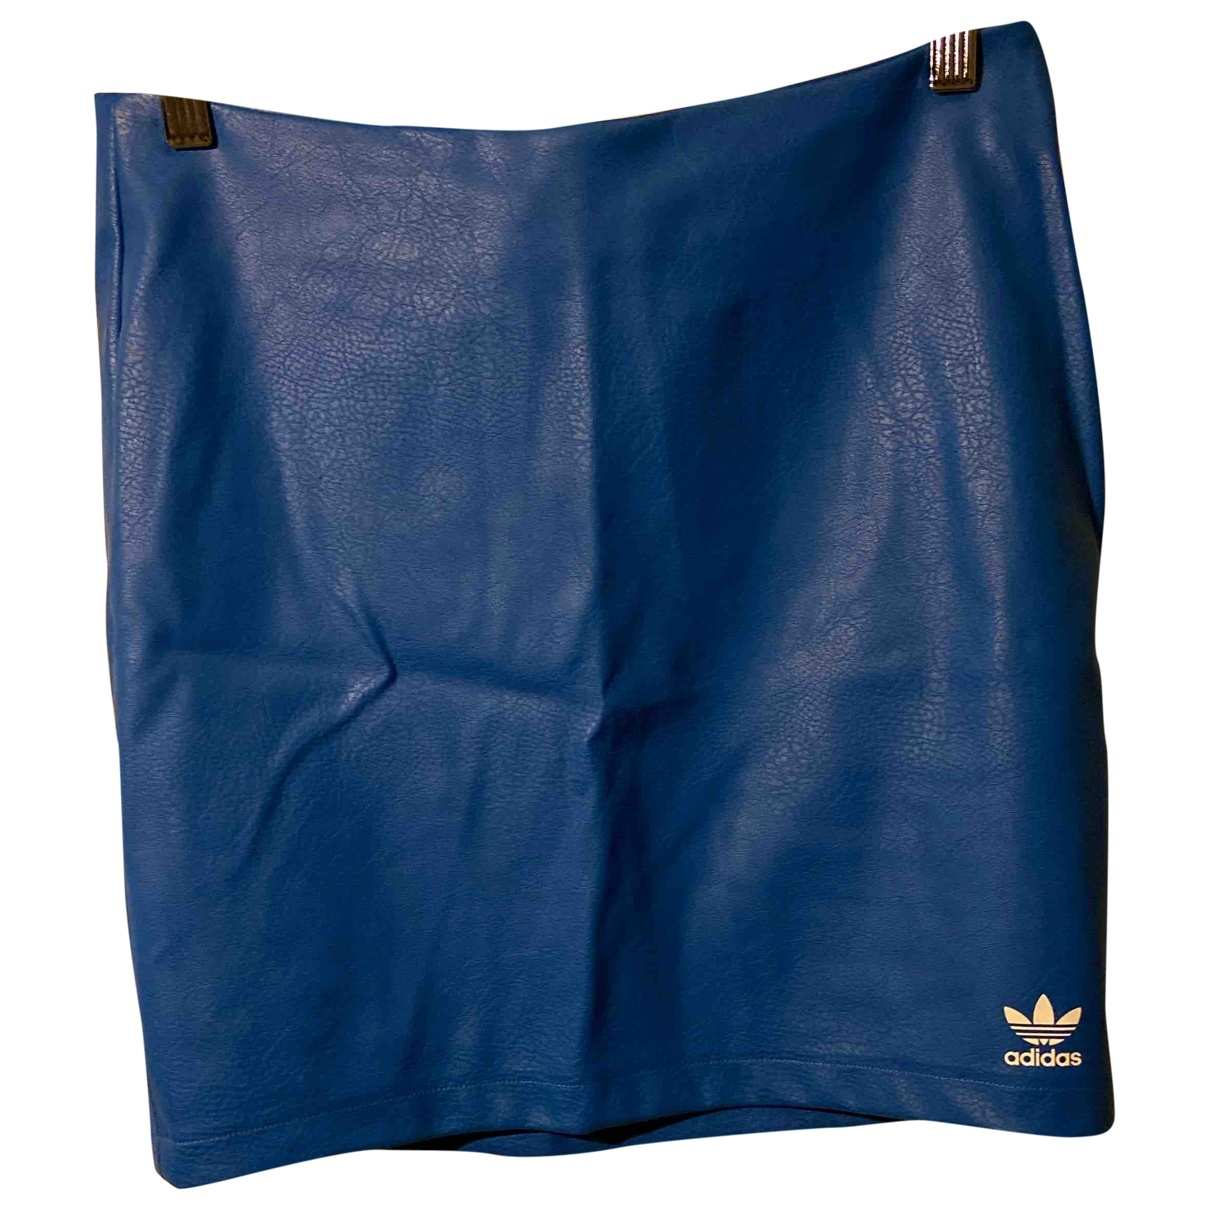 Adidas \N Blue skirt for Women 38 FR